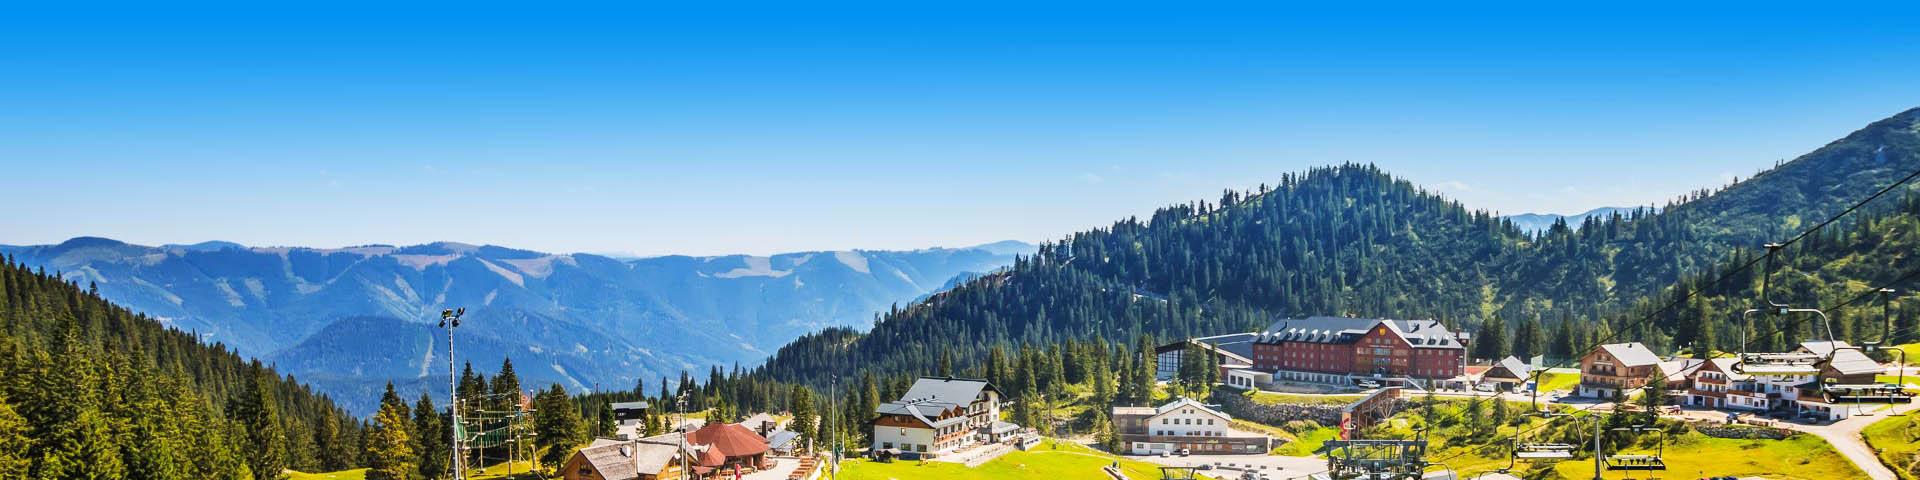 Groen landschap in de bergen van Oostenrijk.